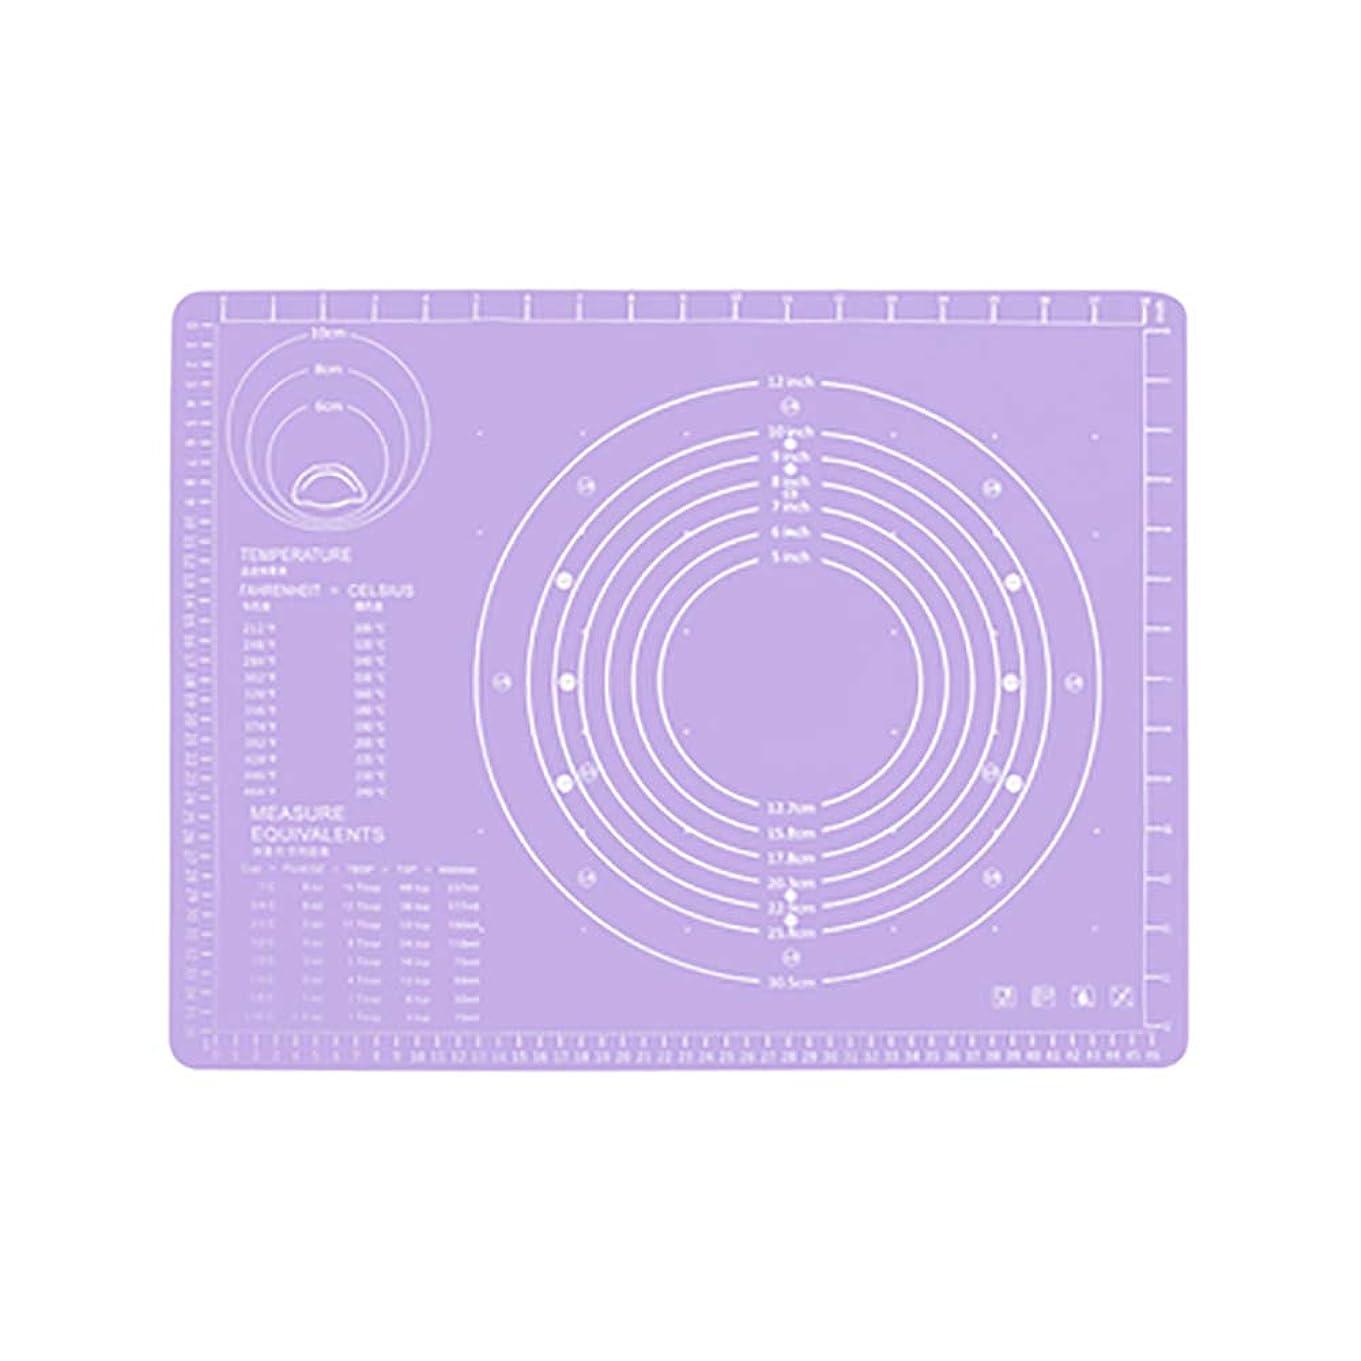 マトン抑制水差しRefaxi シリコーン生地ローリング混練パッド高温ケーキペストリーベーキングパッド(紫)